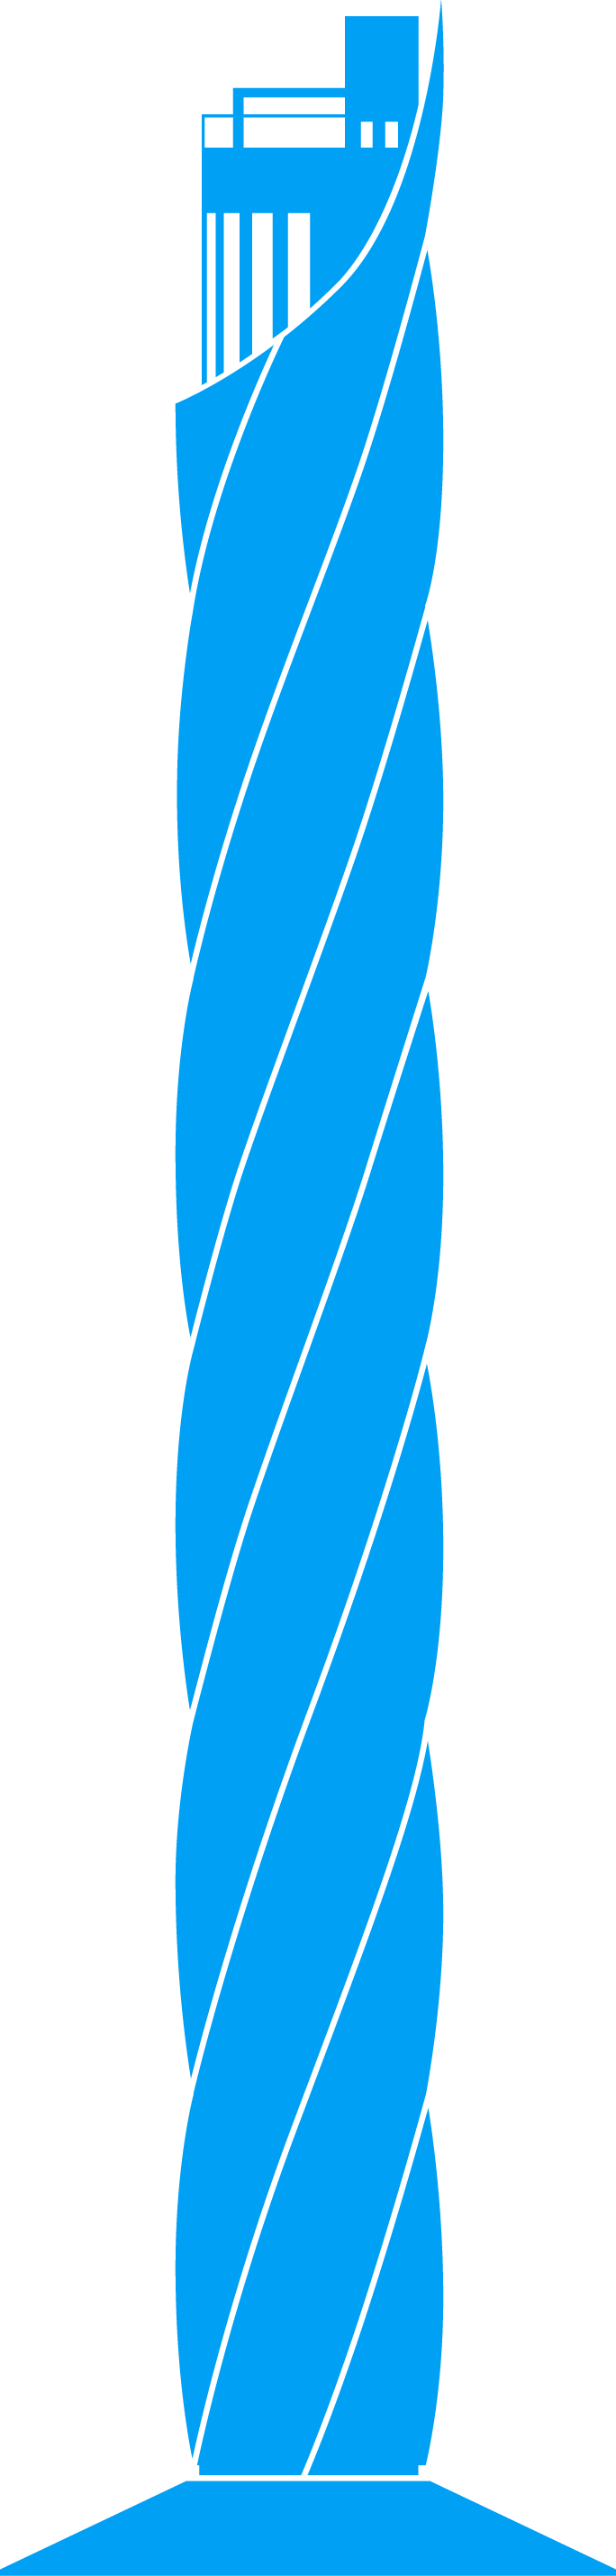 thyssenkrupp Testturm